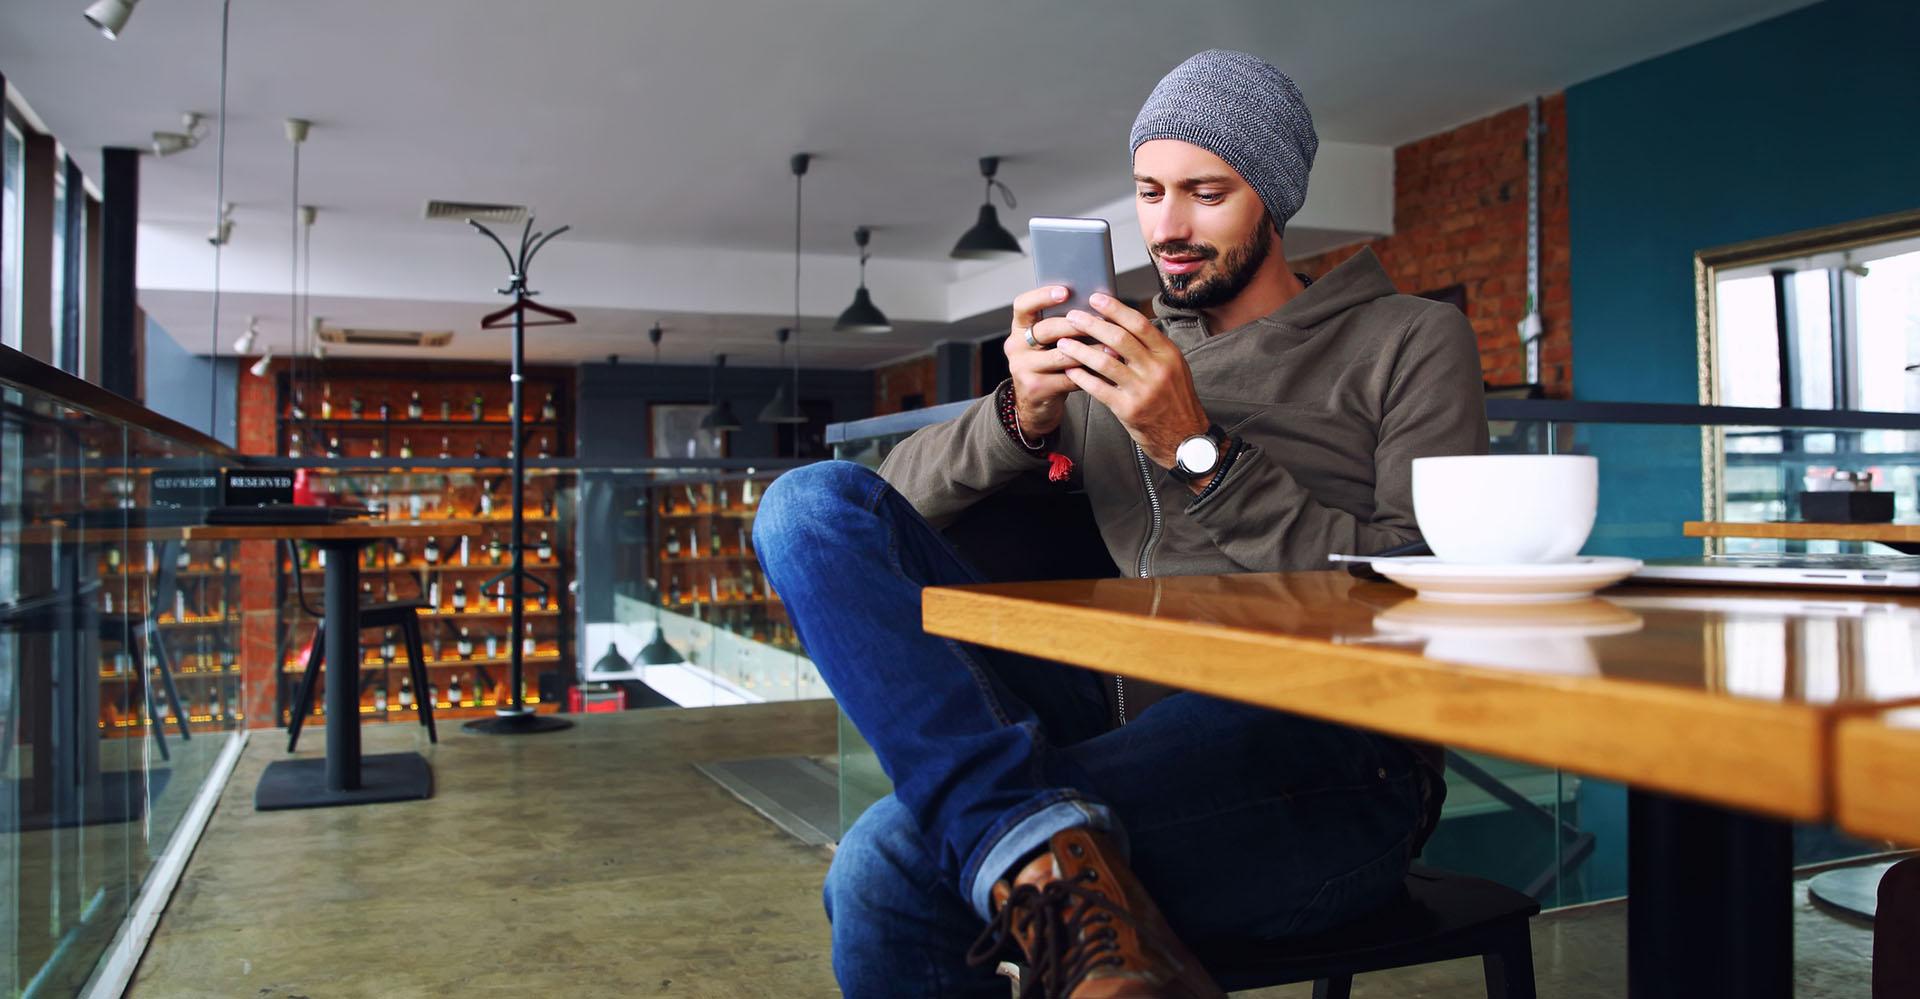 Mann nutzt Smartphone im Café